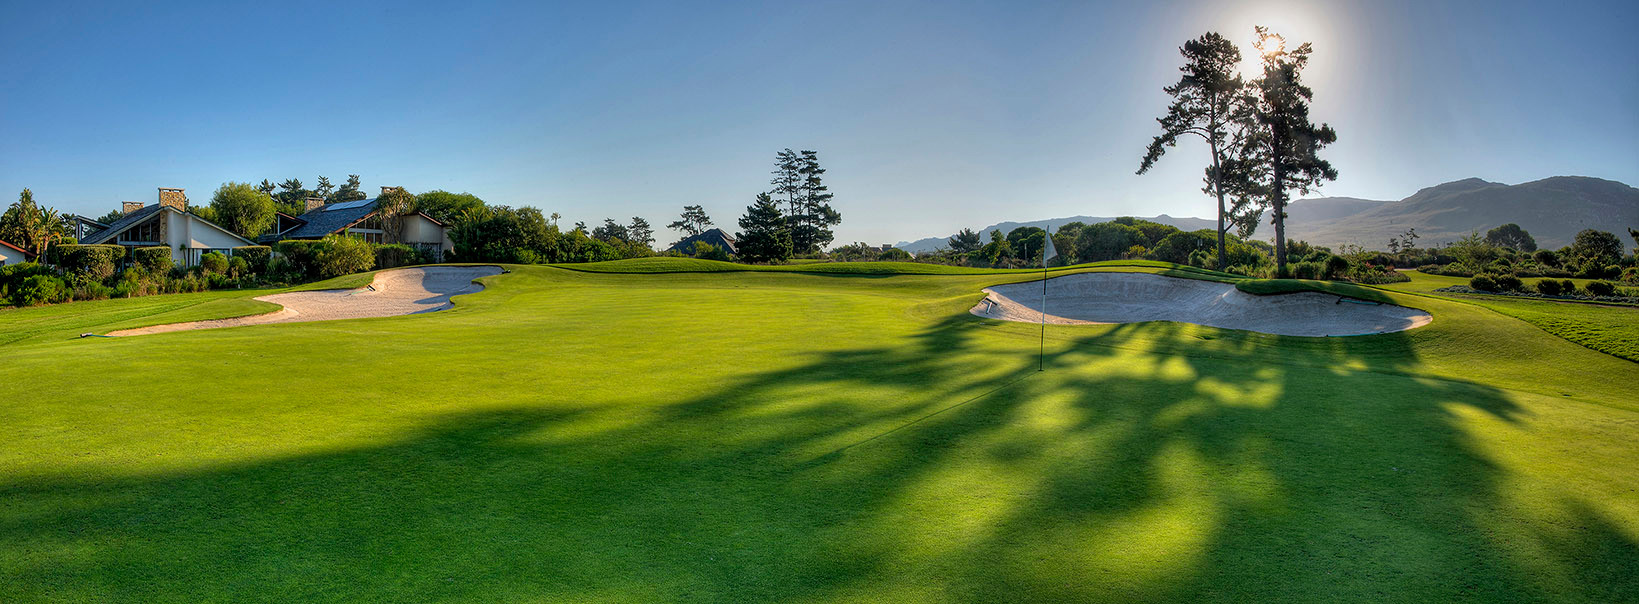 Arabella Golf Estate, Kleinmond